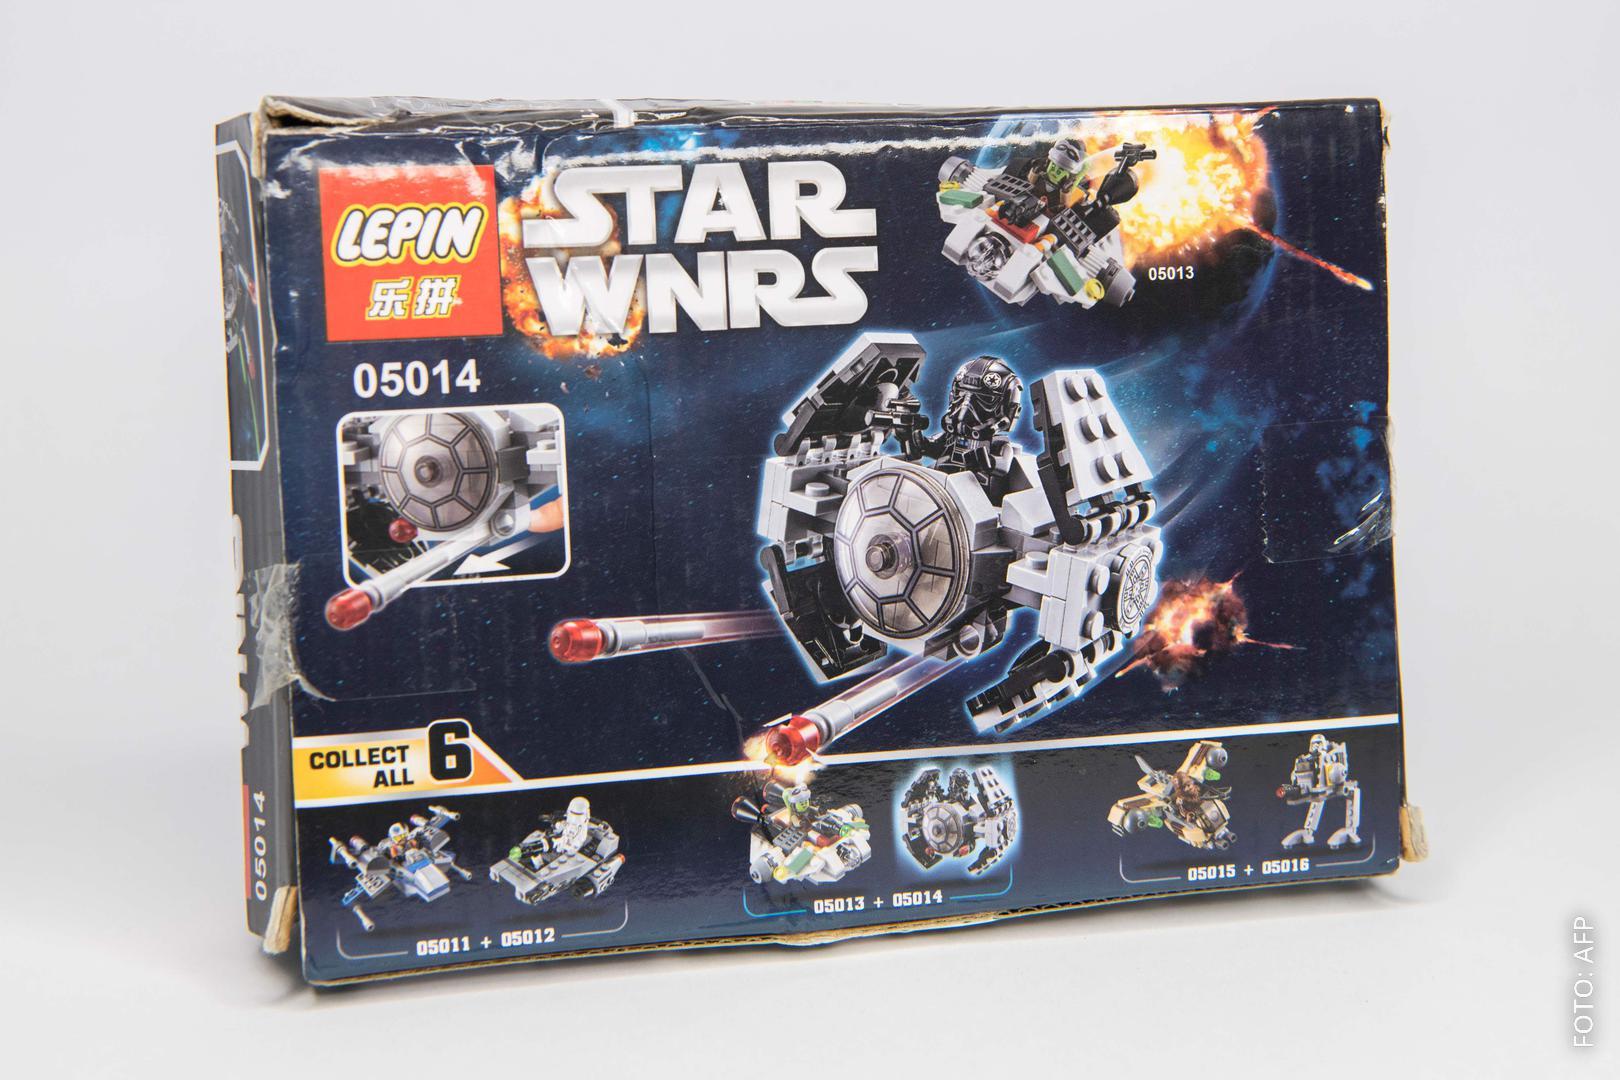 Eine Spiele-Verpackung der Firma Lepin, die der von Lego extrem ähnlich sieht.